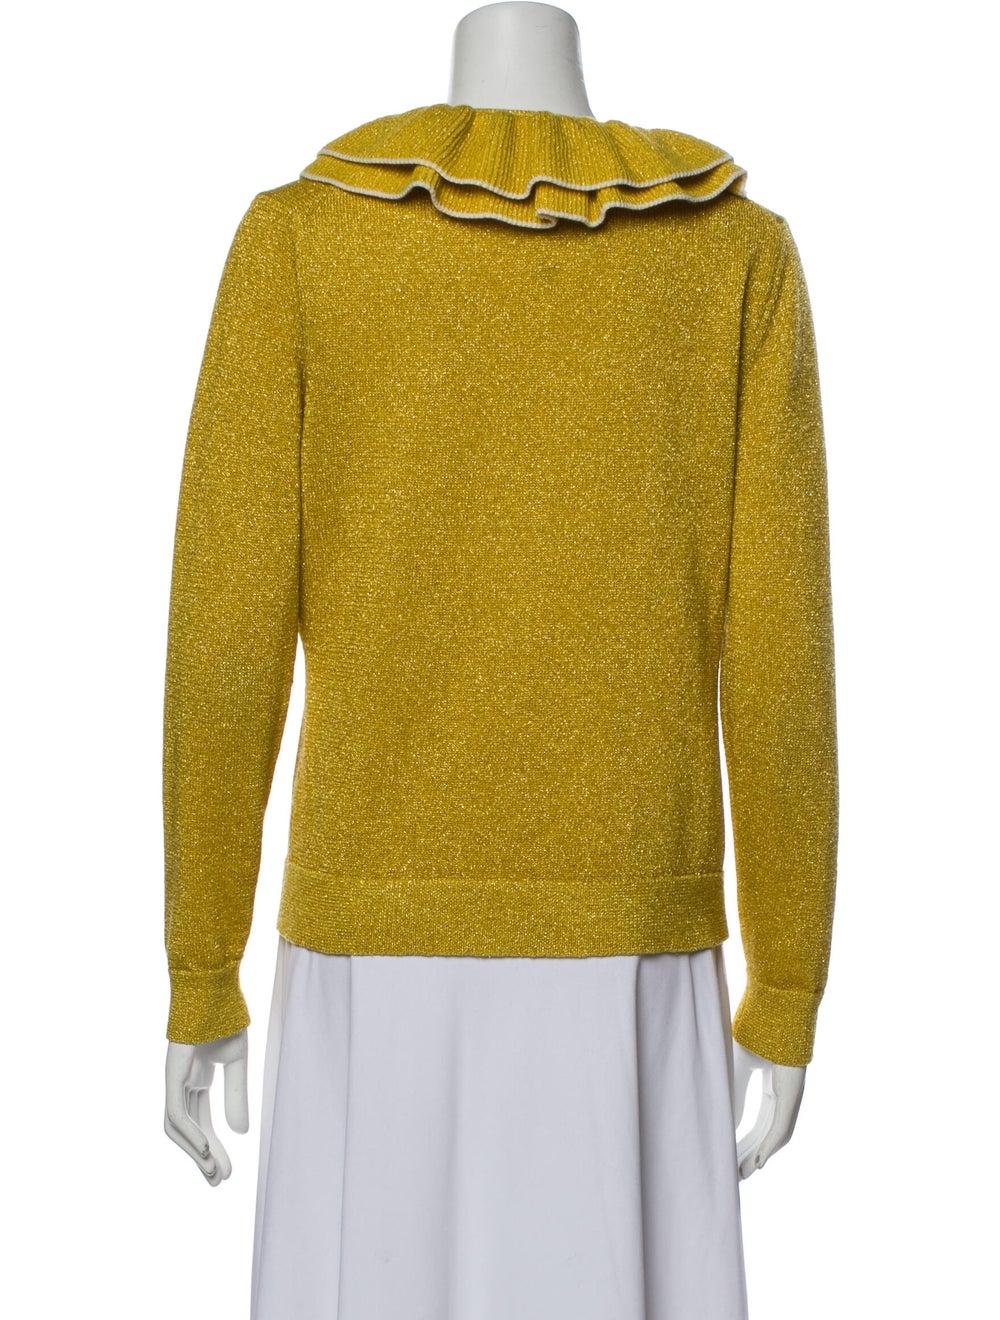 Shrimps Crew Neck Sweater Yellow - image 3